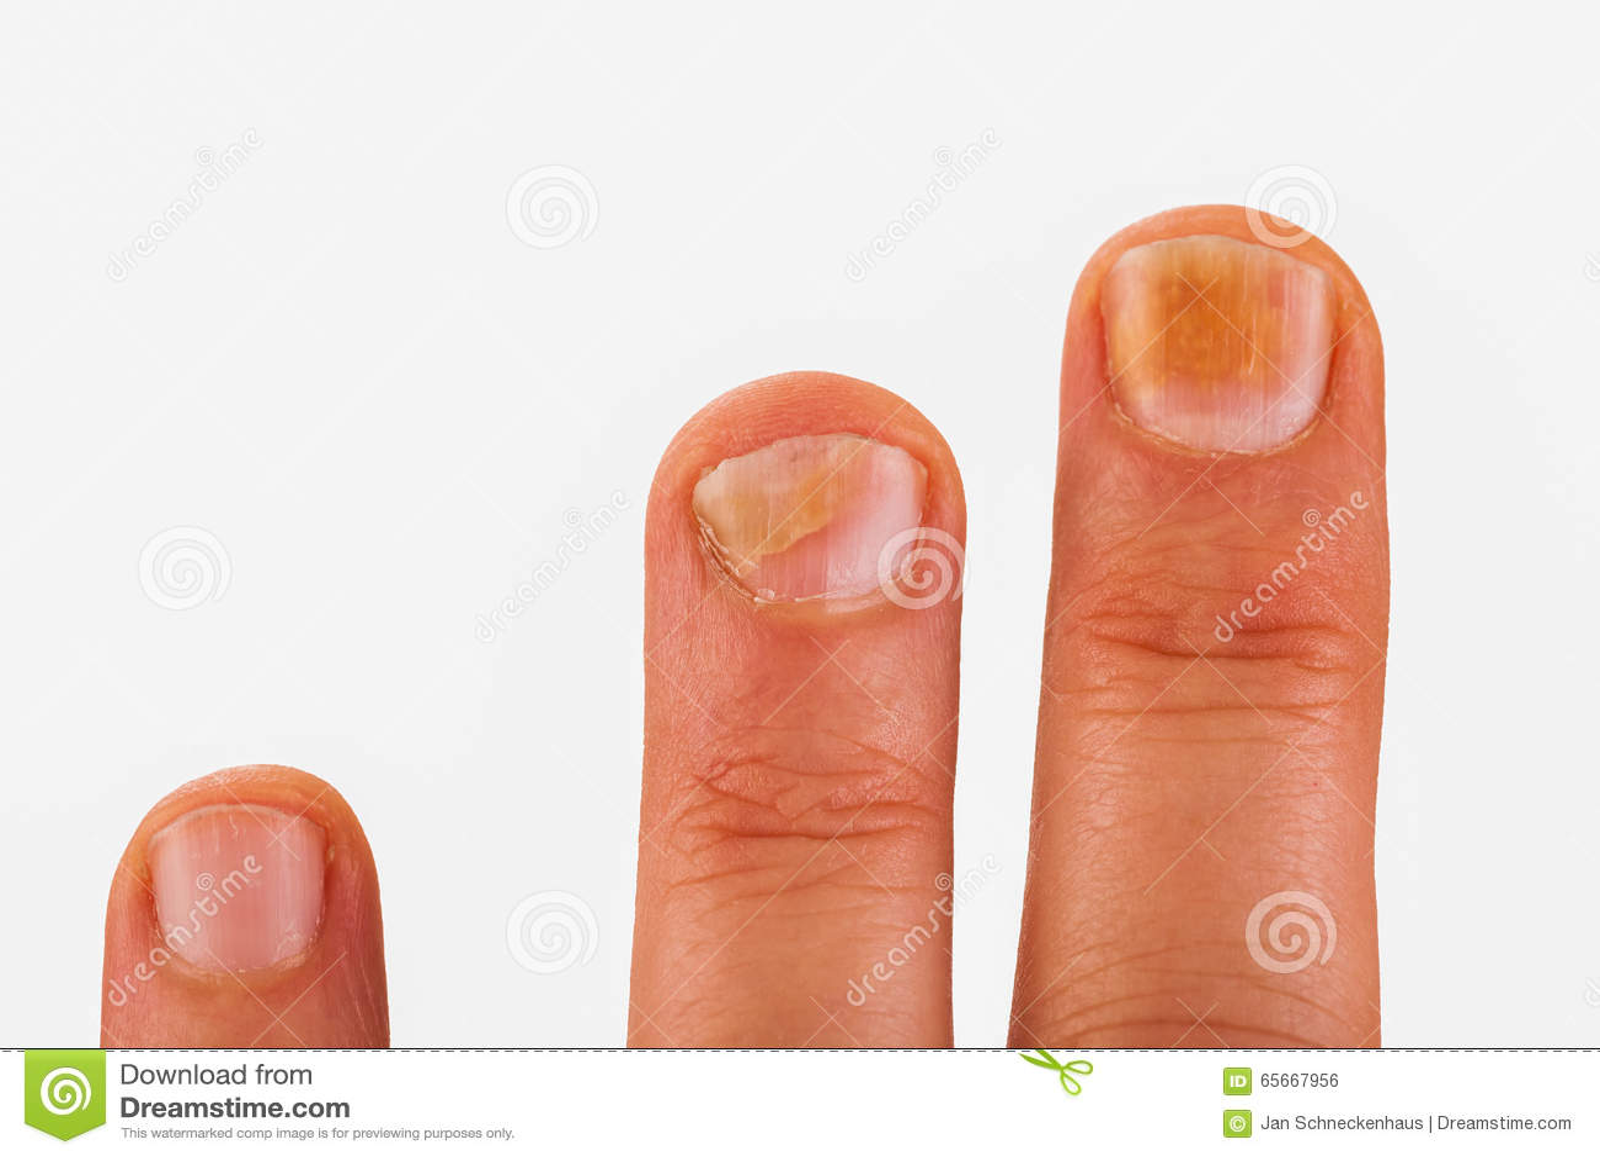 Fingernaglar med spikar svampen